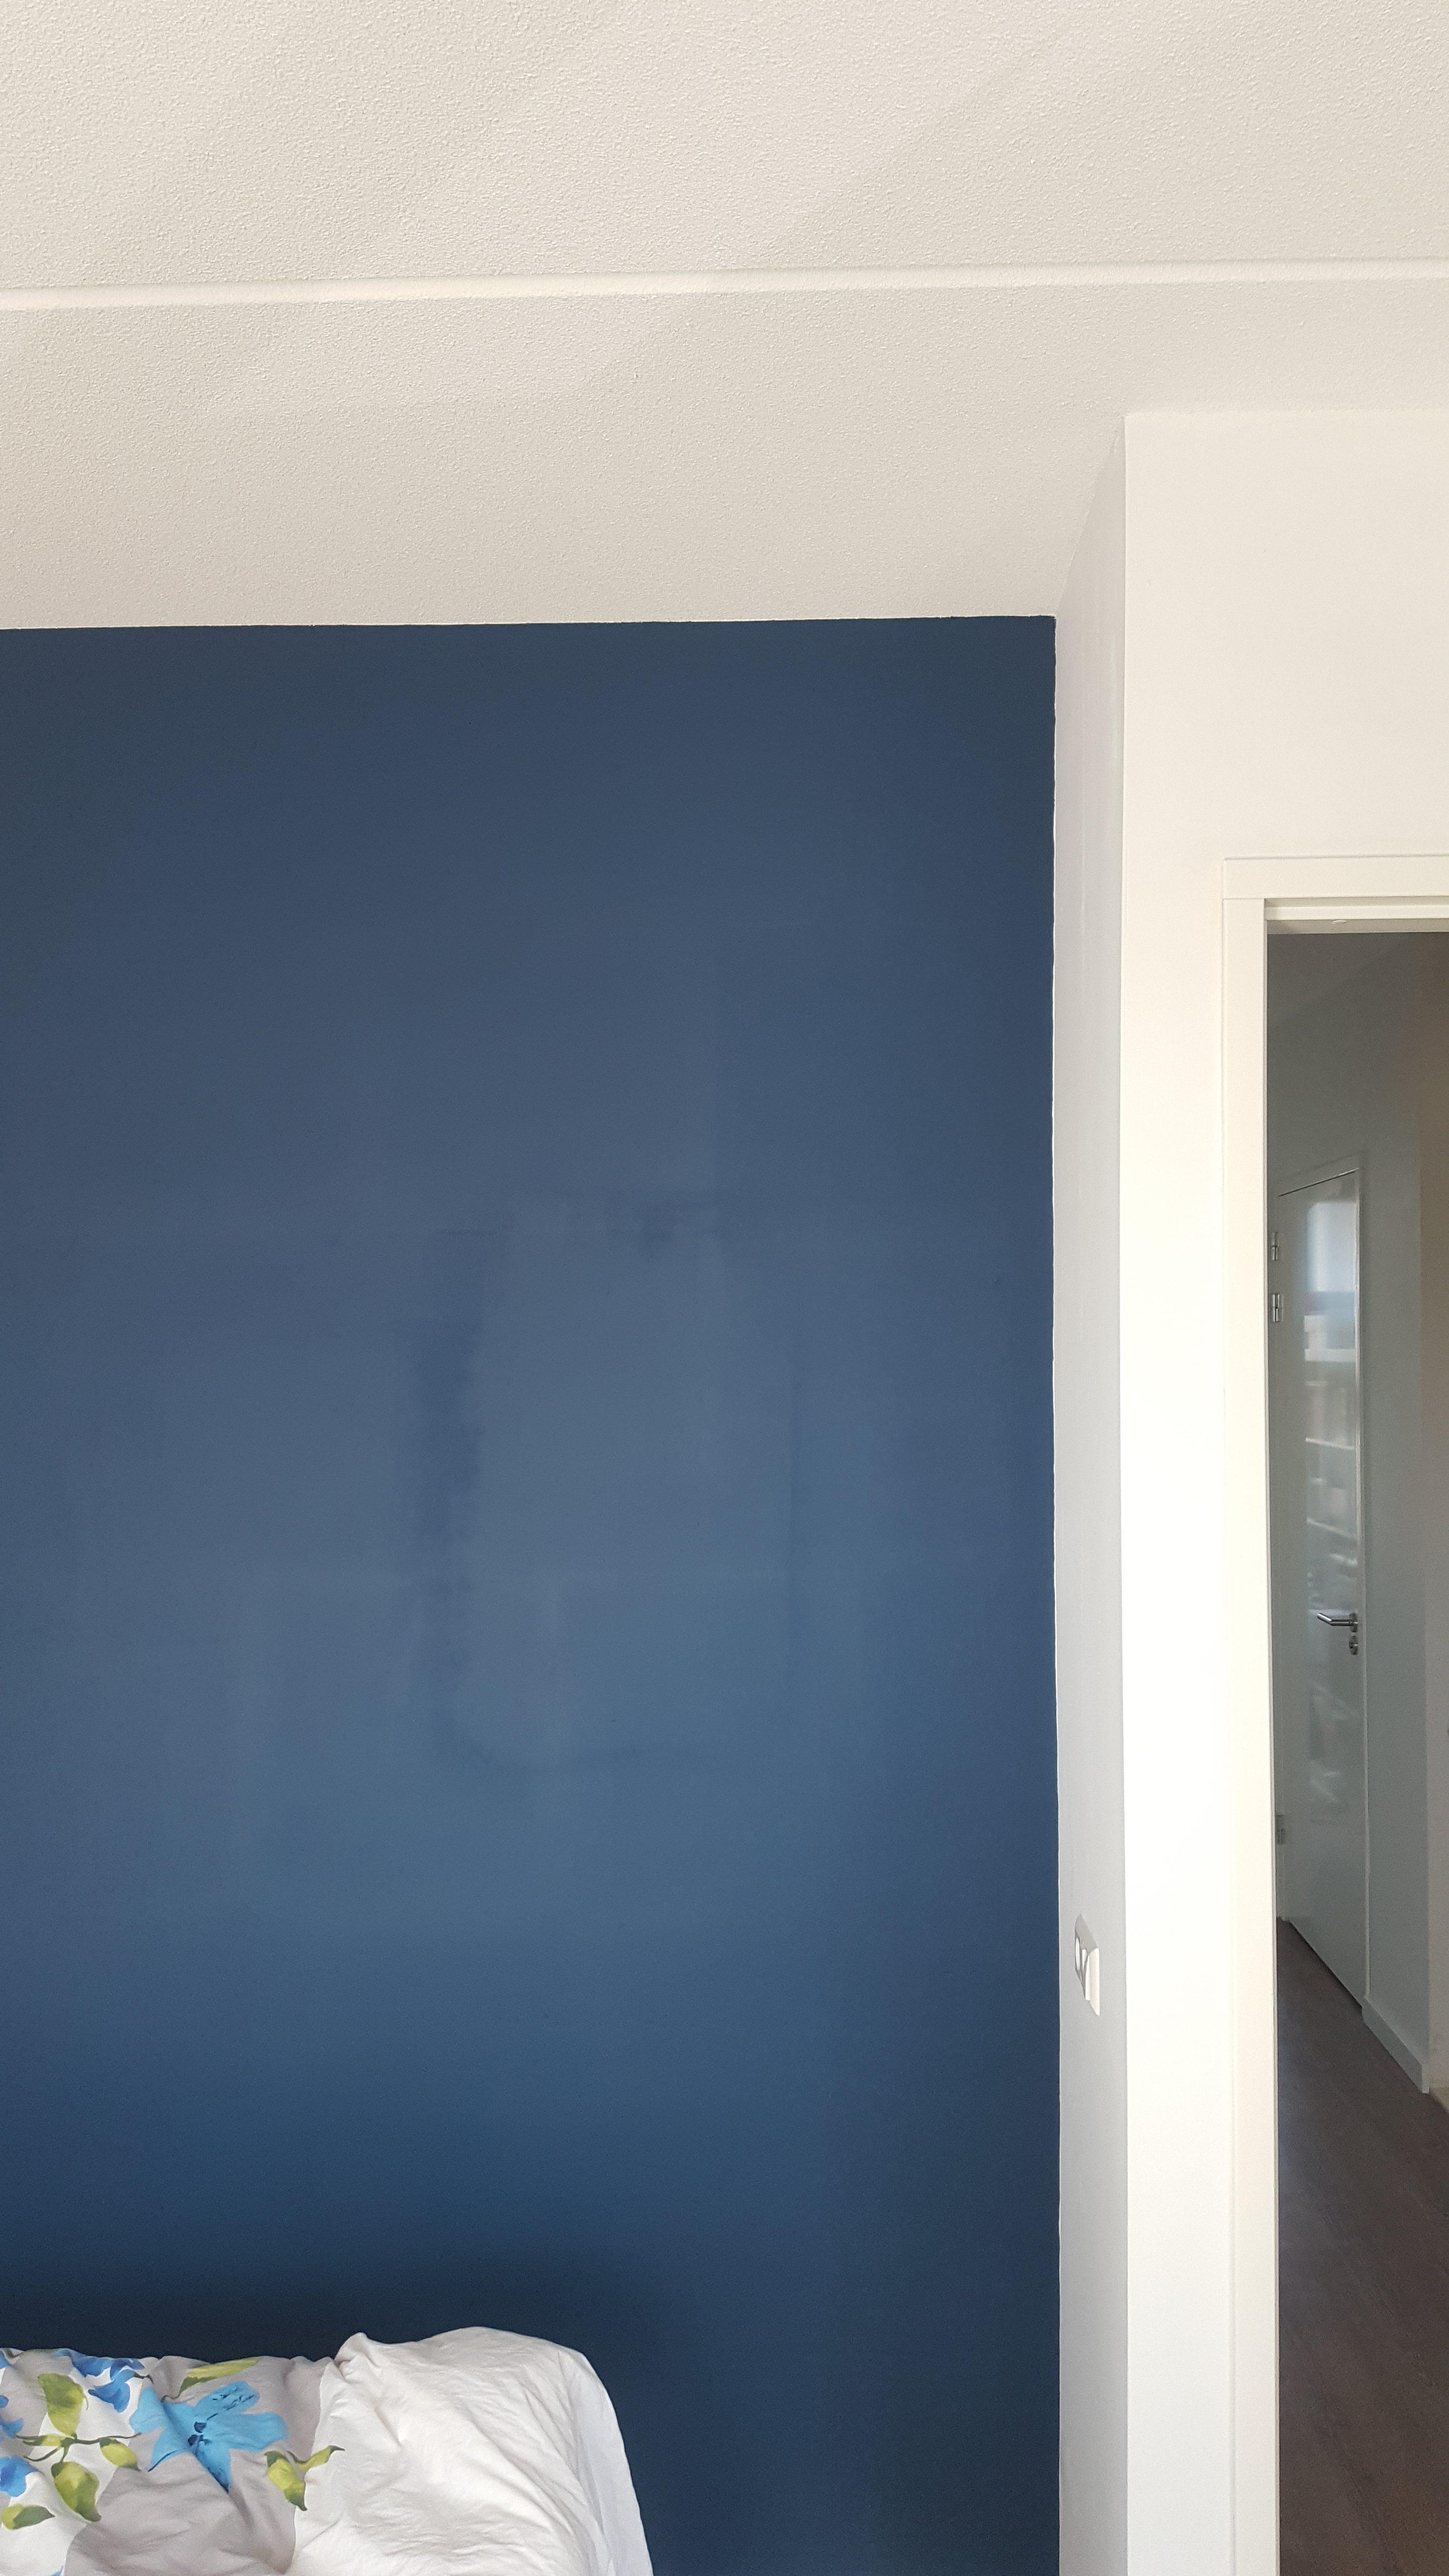 ral 5020 petrol ocean blue in slaapkamer de nieuwe emma alkmaar